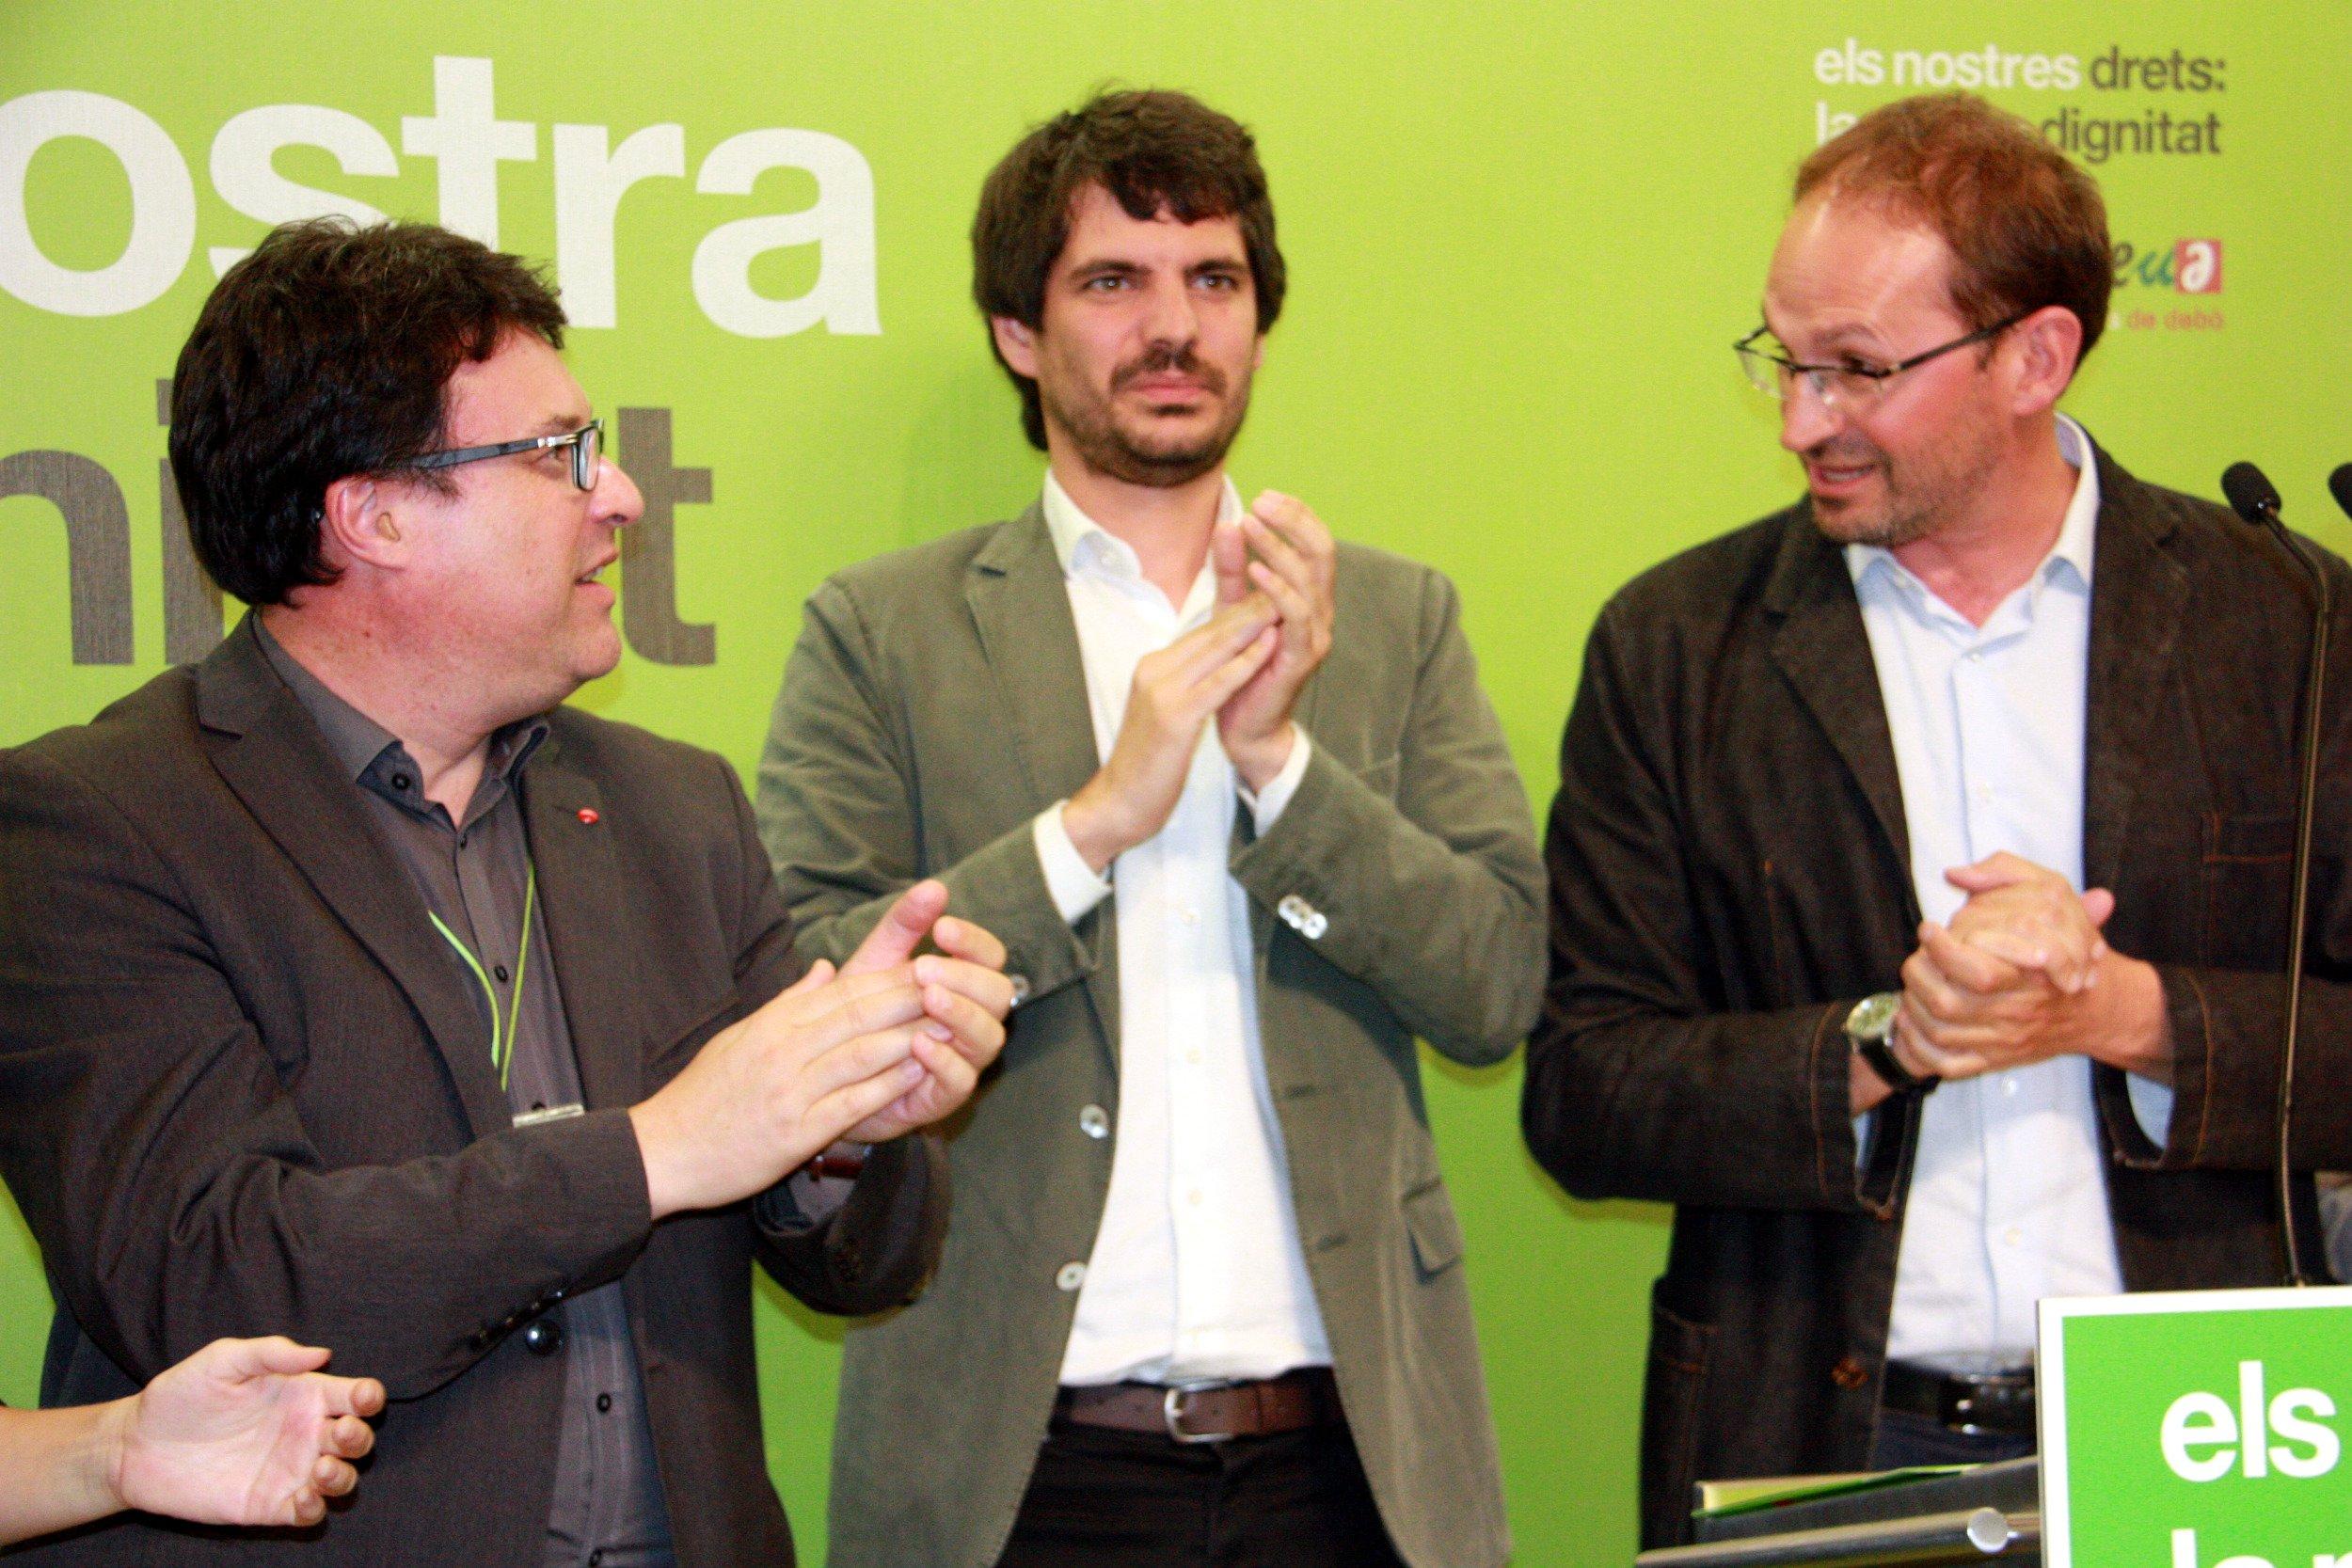 El europarlamentario Ernest Urtasun en rueda dede prensa para valorar los resultados de las elecciones europeas.